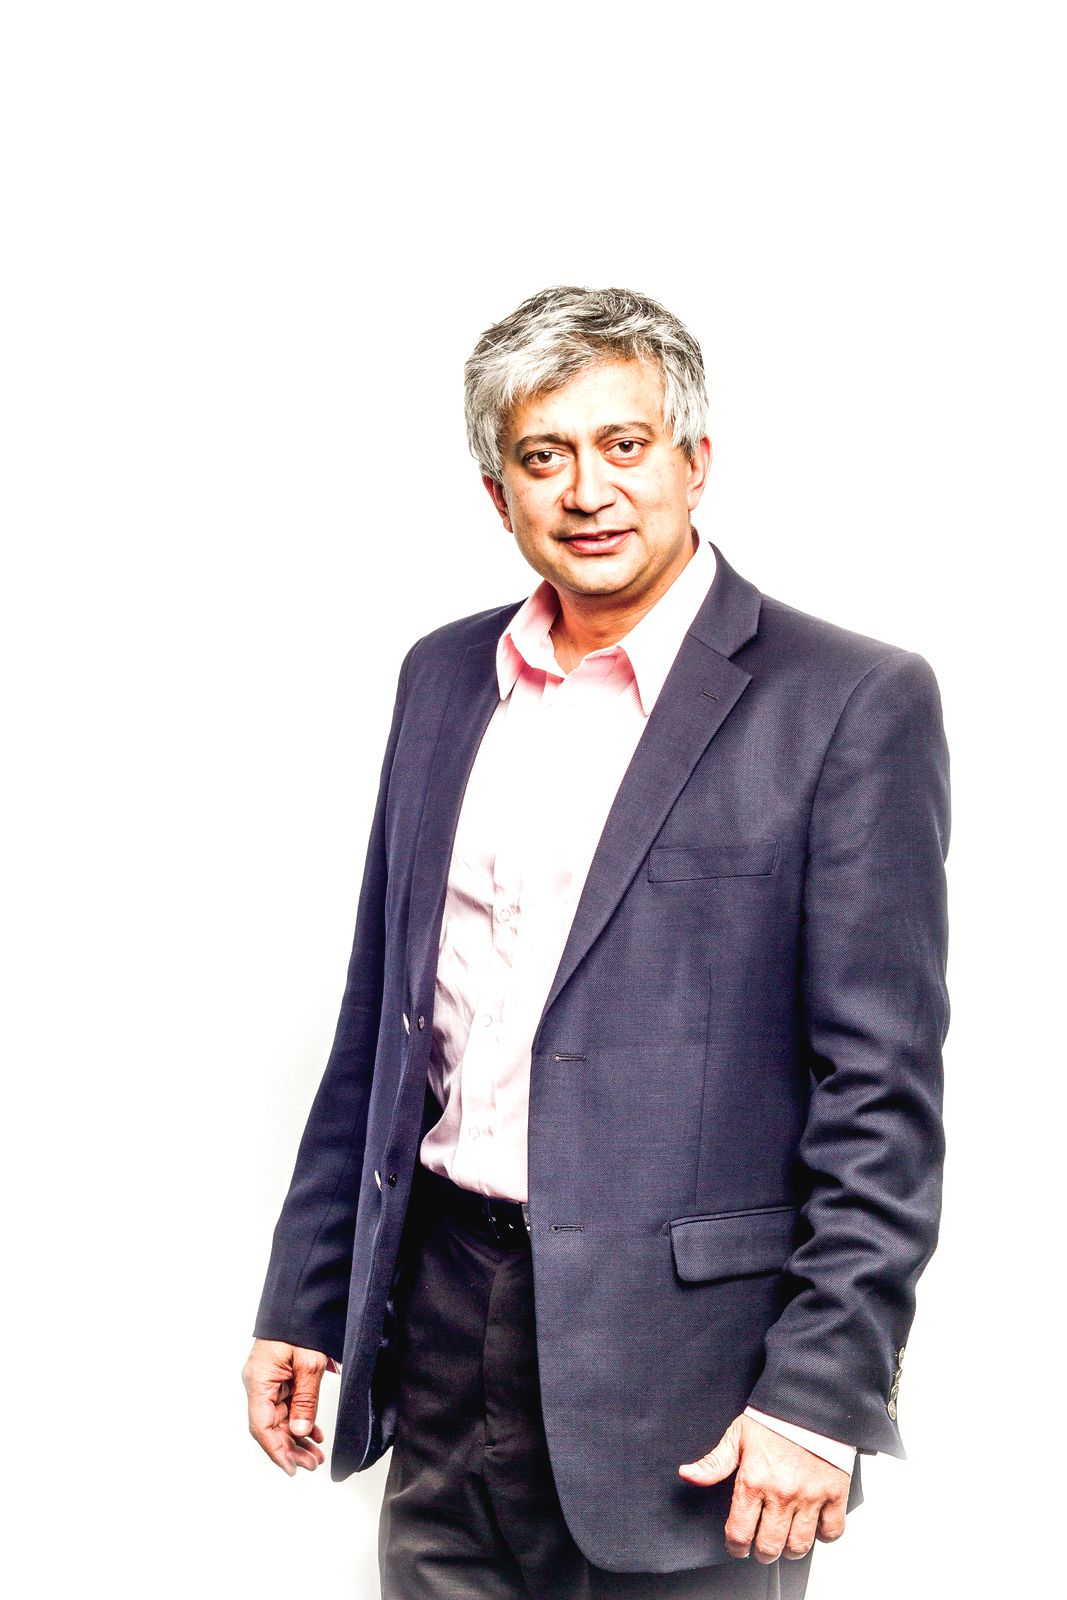 """<h1><span id=""""docs-internal-guid-2a6fec60-7fff-4c31-173e-b4afc342aada"""">La clave de Hitendra Patel para la innovación: encontrar el 'crunch'</span></h1>"""